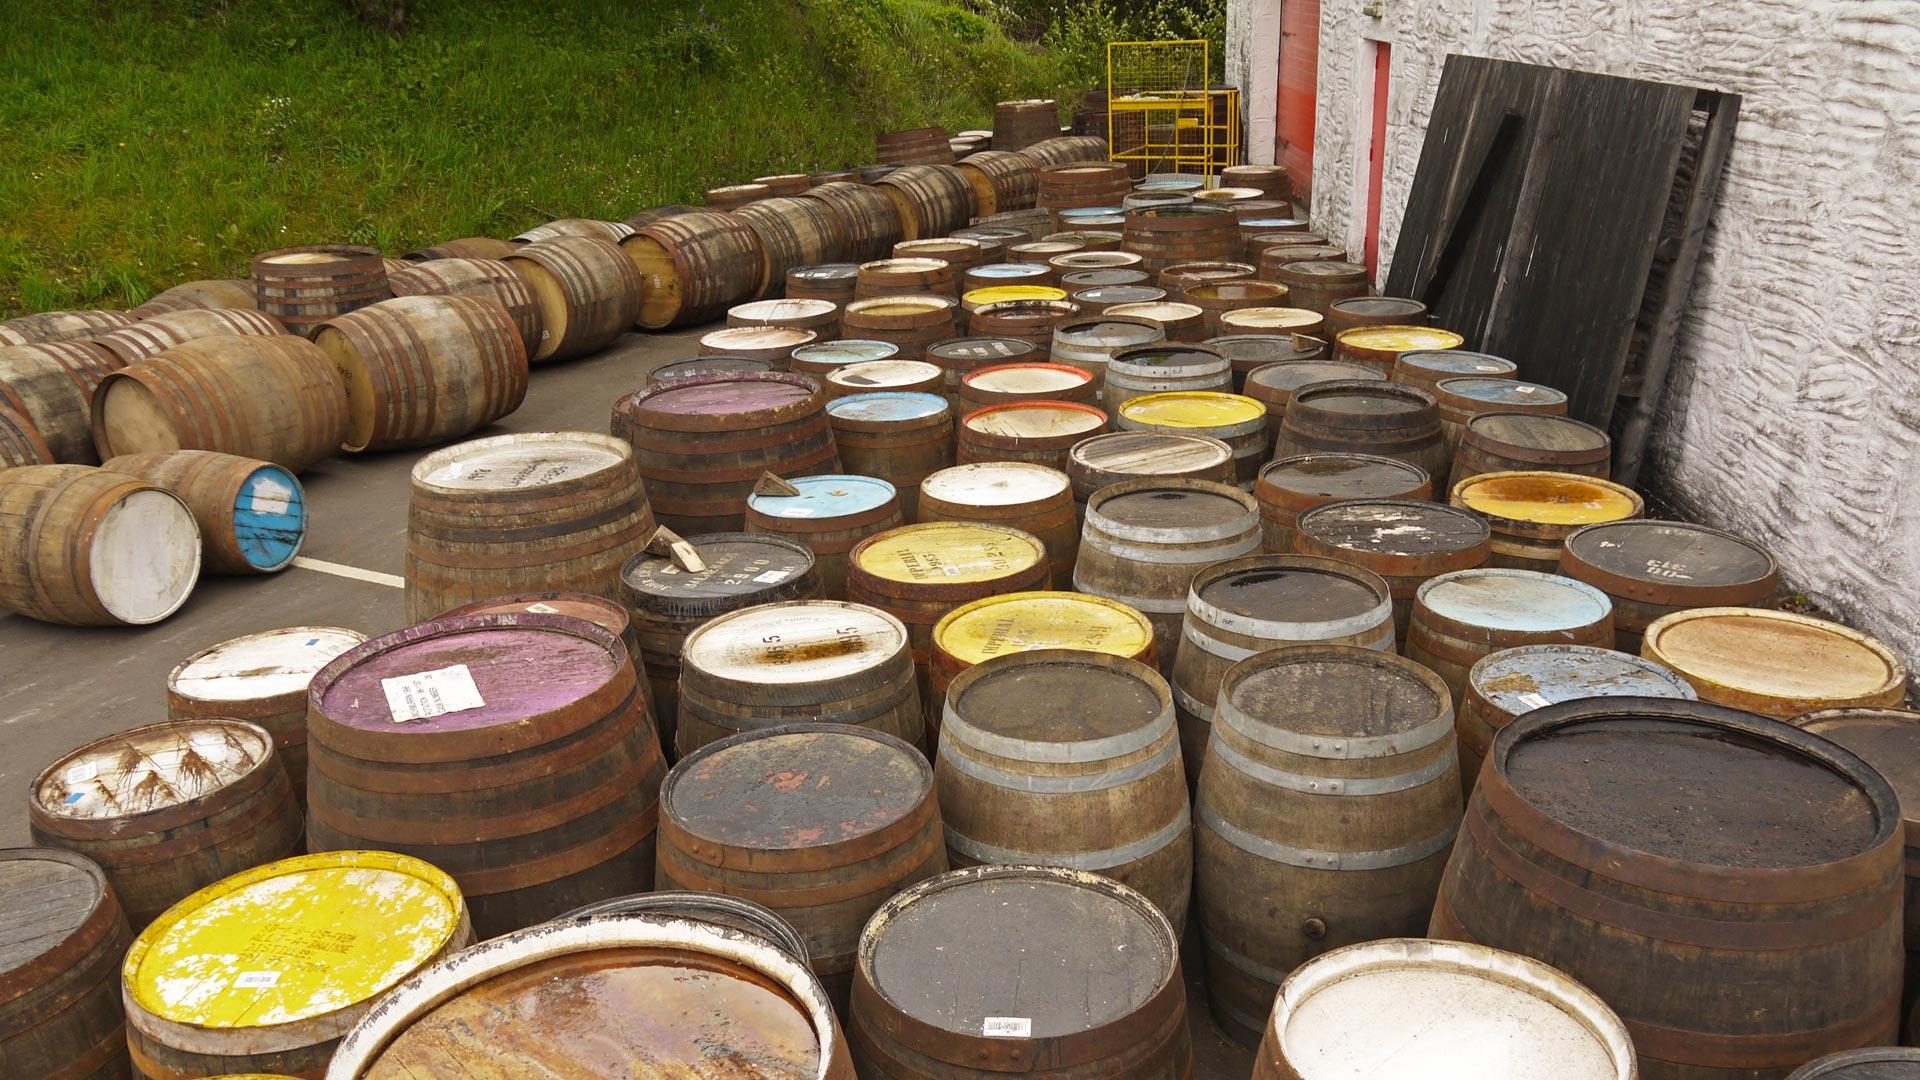 Bei Edradour wird mit vielen verschiedenen Whiskyfässern experimentiert. (Foto: Malt Whisky)